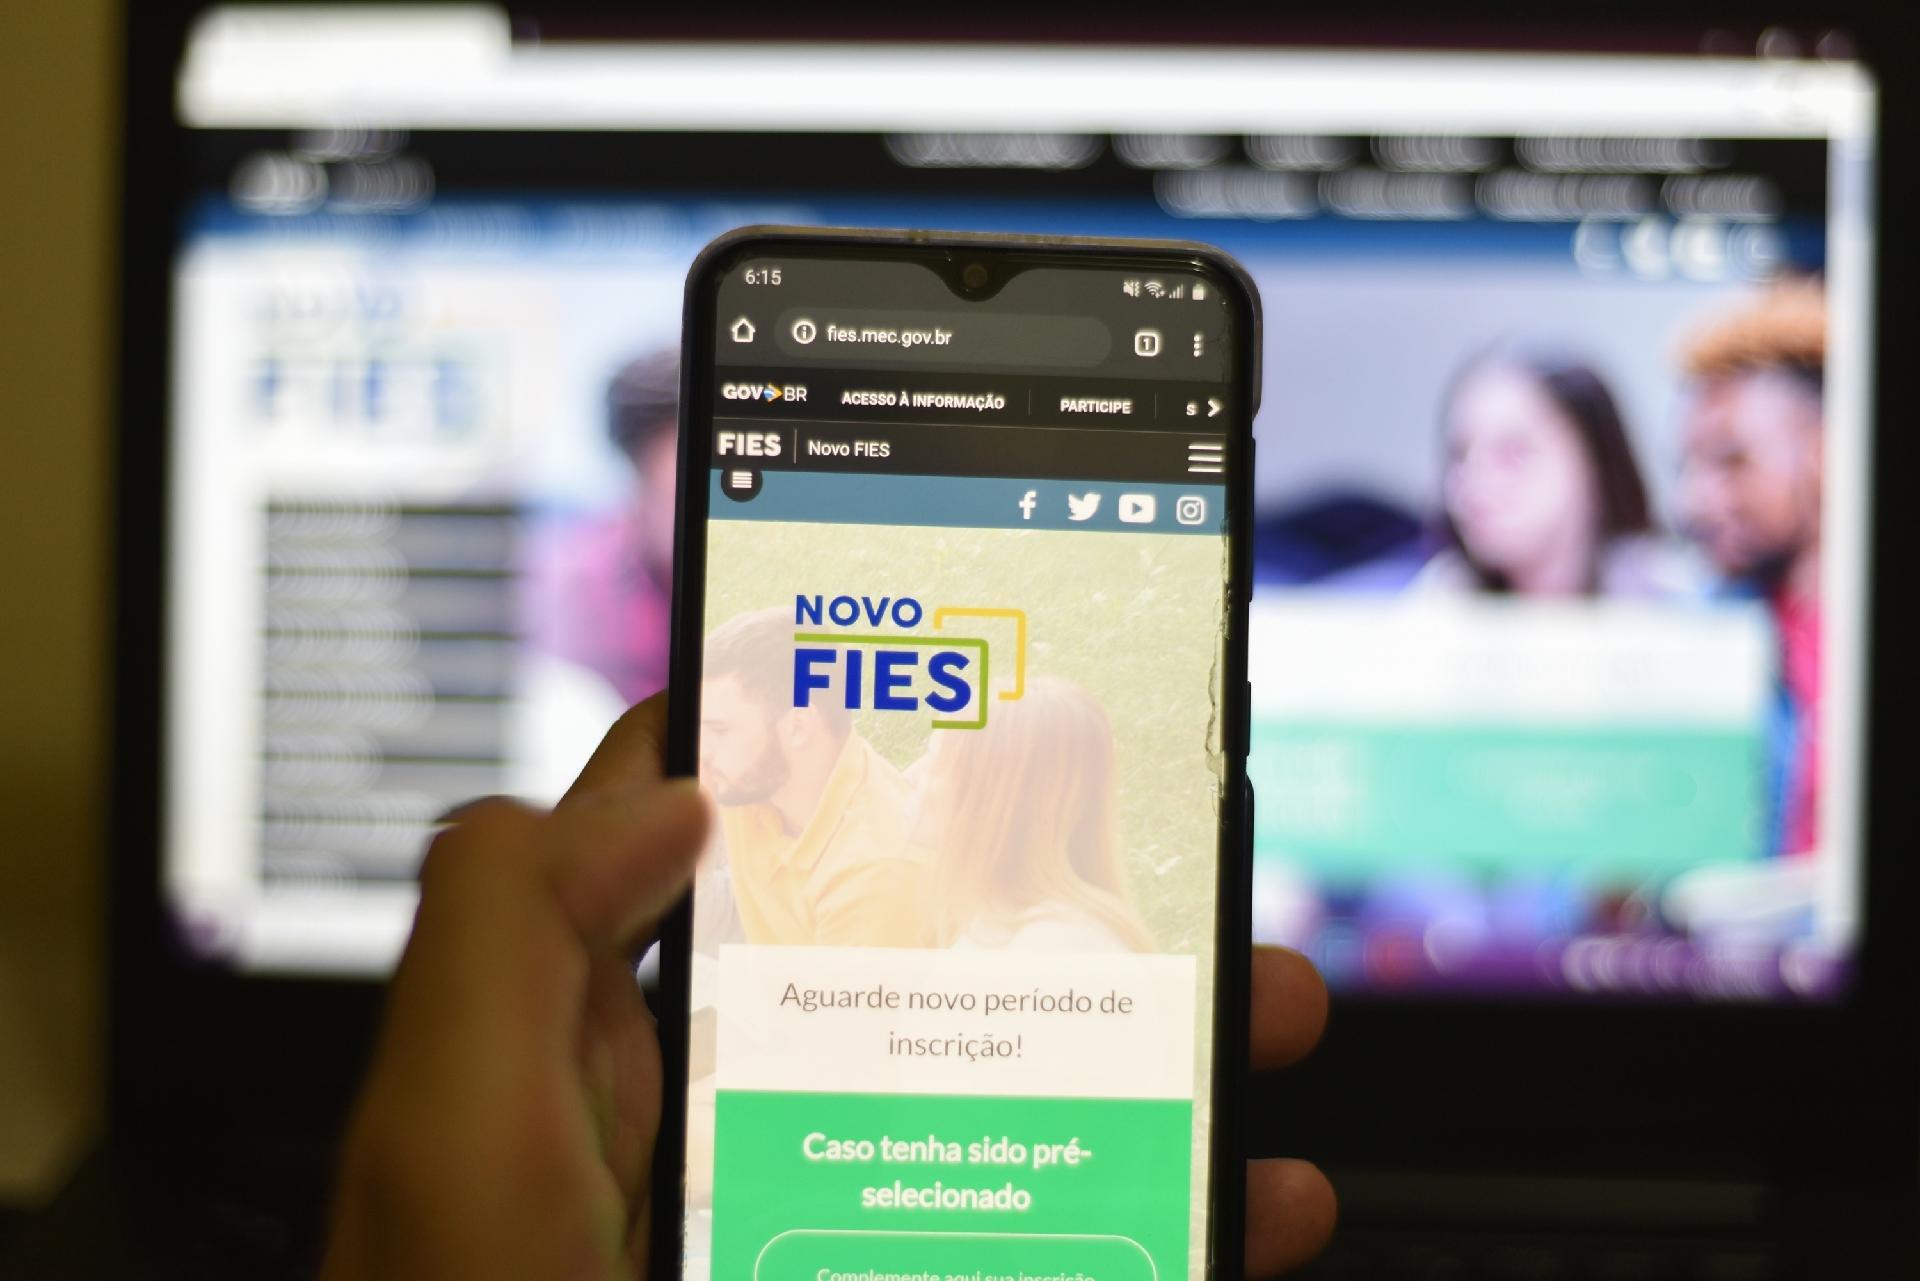 Governo aumenta prazo para renovação dos contratos do FIES: veja mais!